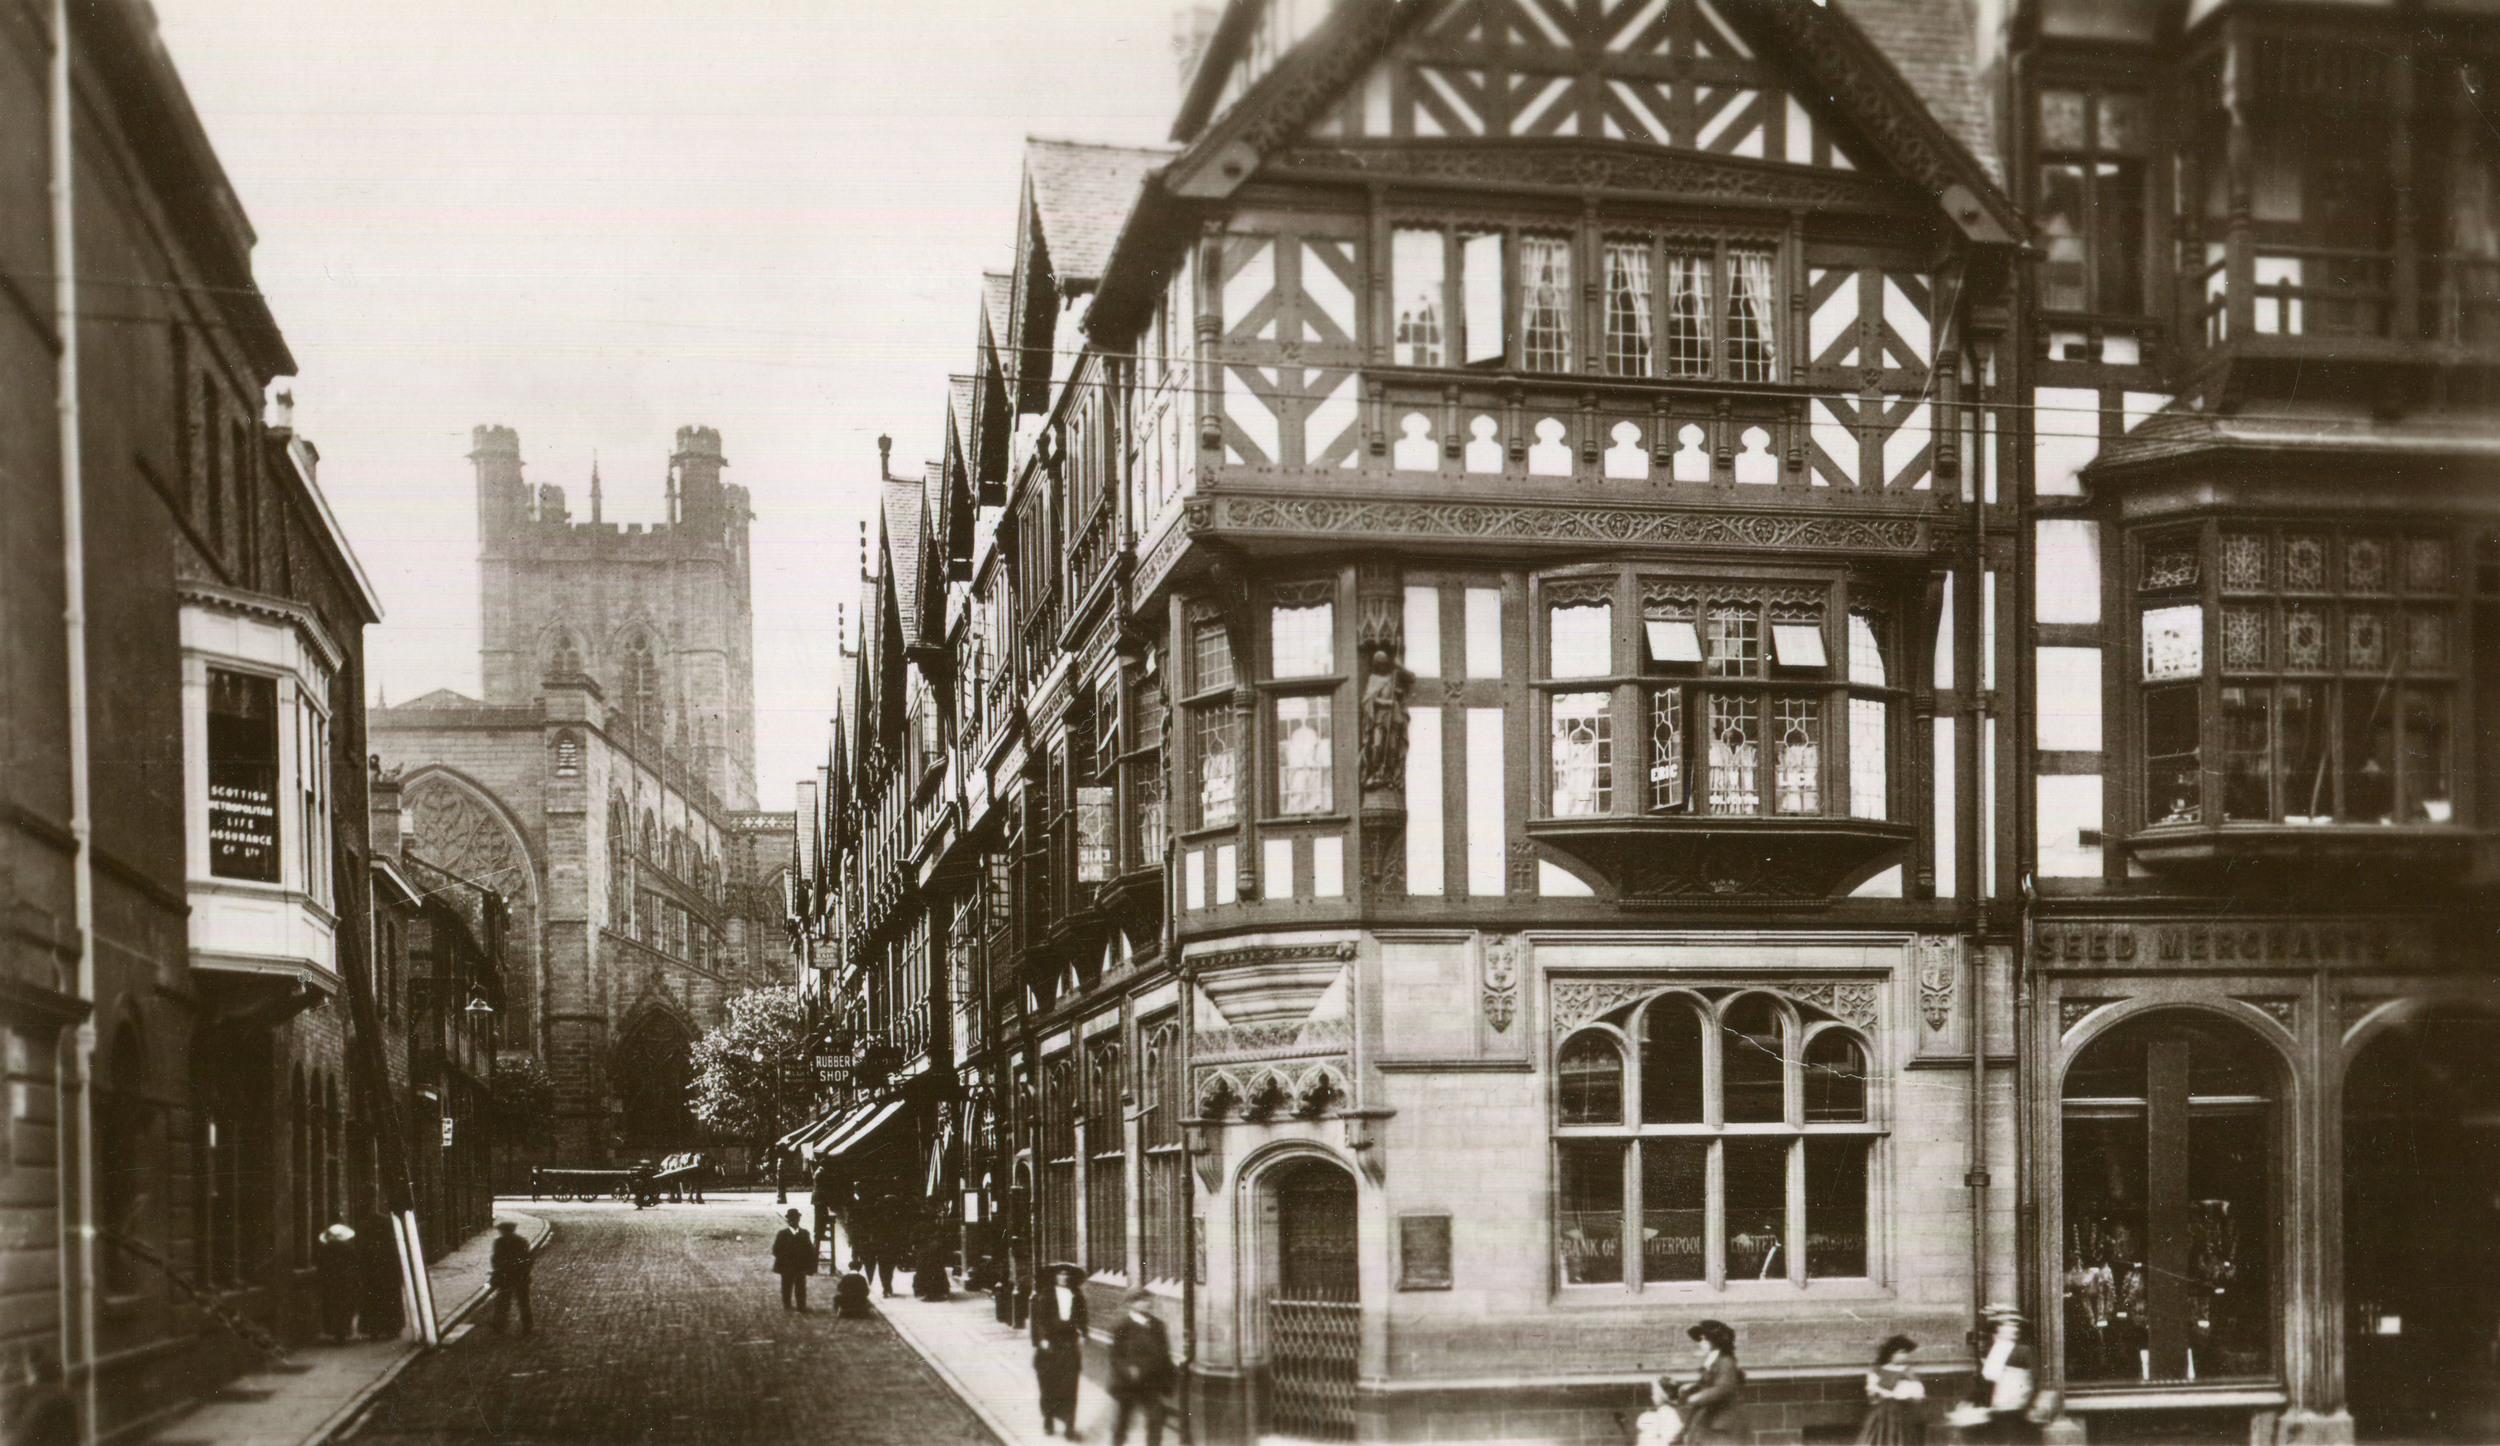 St Werburgh's, Chester